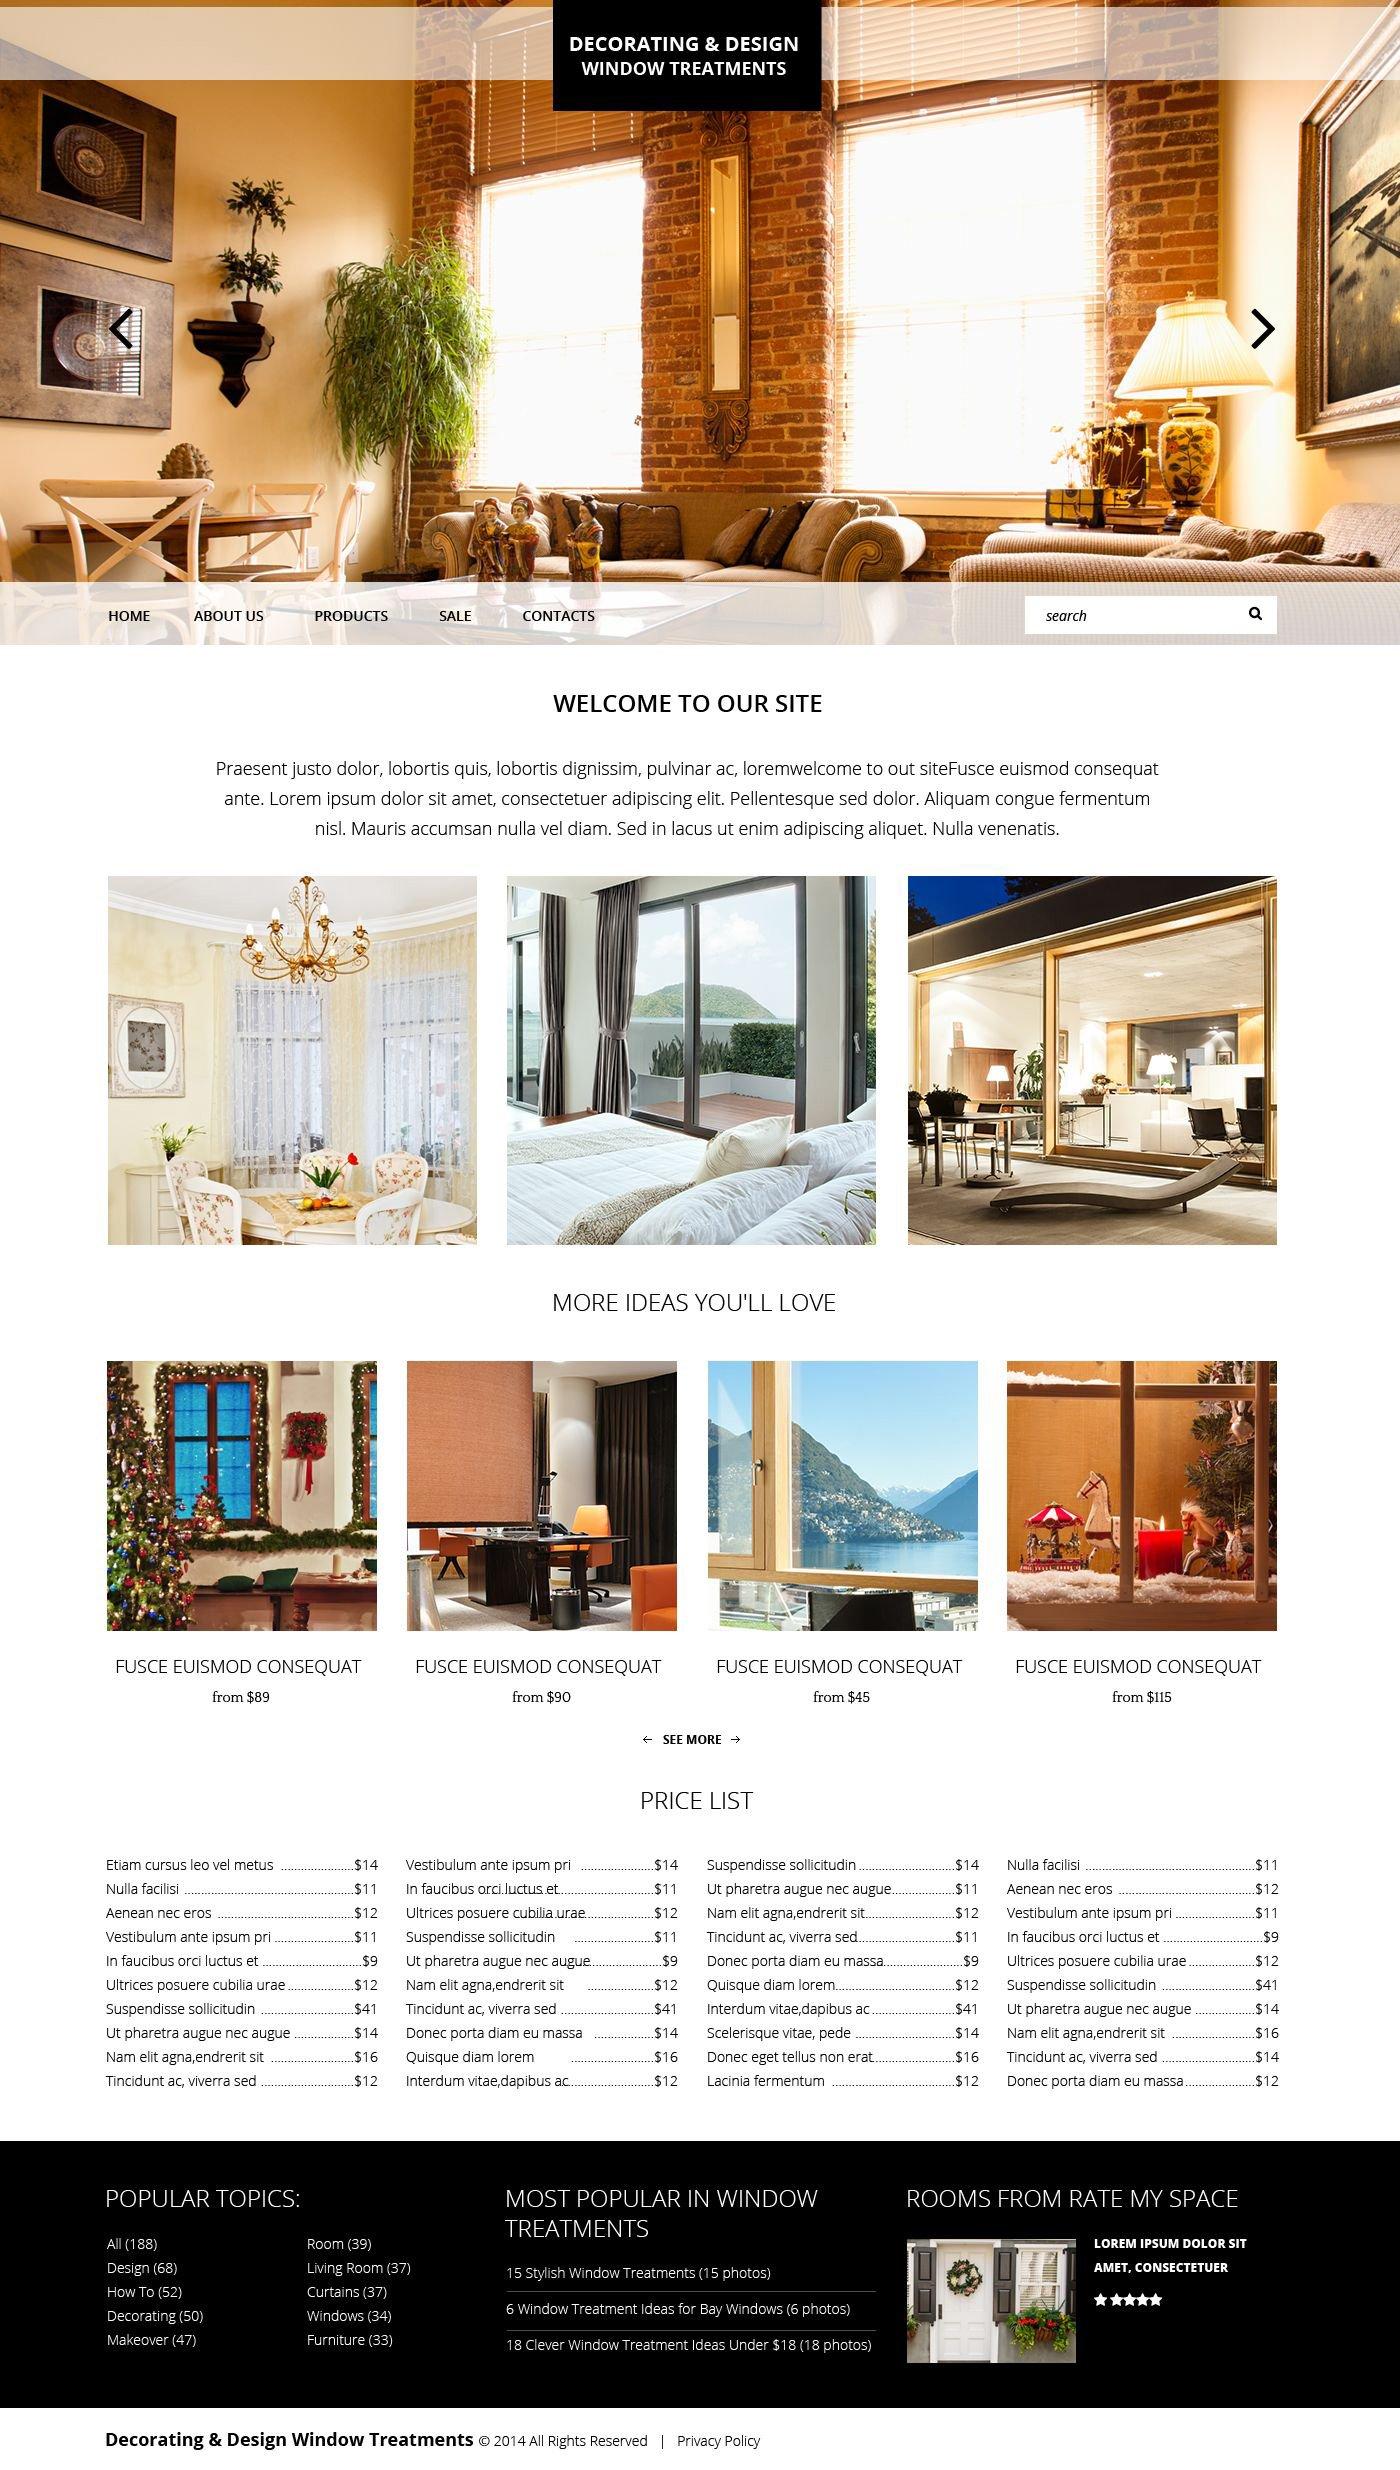 Modèle Web adaptatif pour site de décoration de la maison #51857